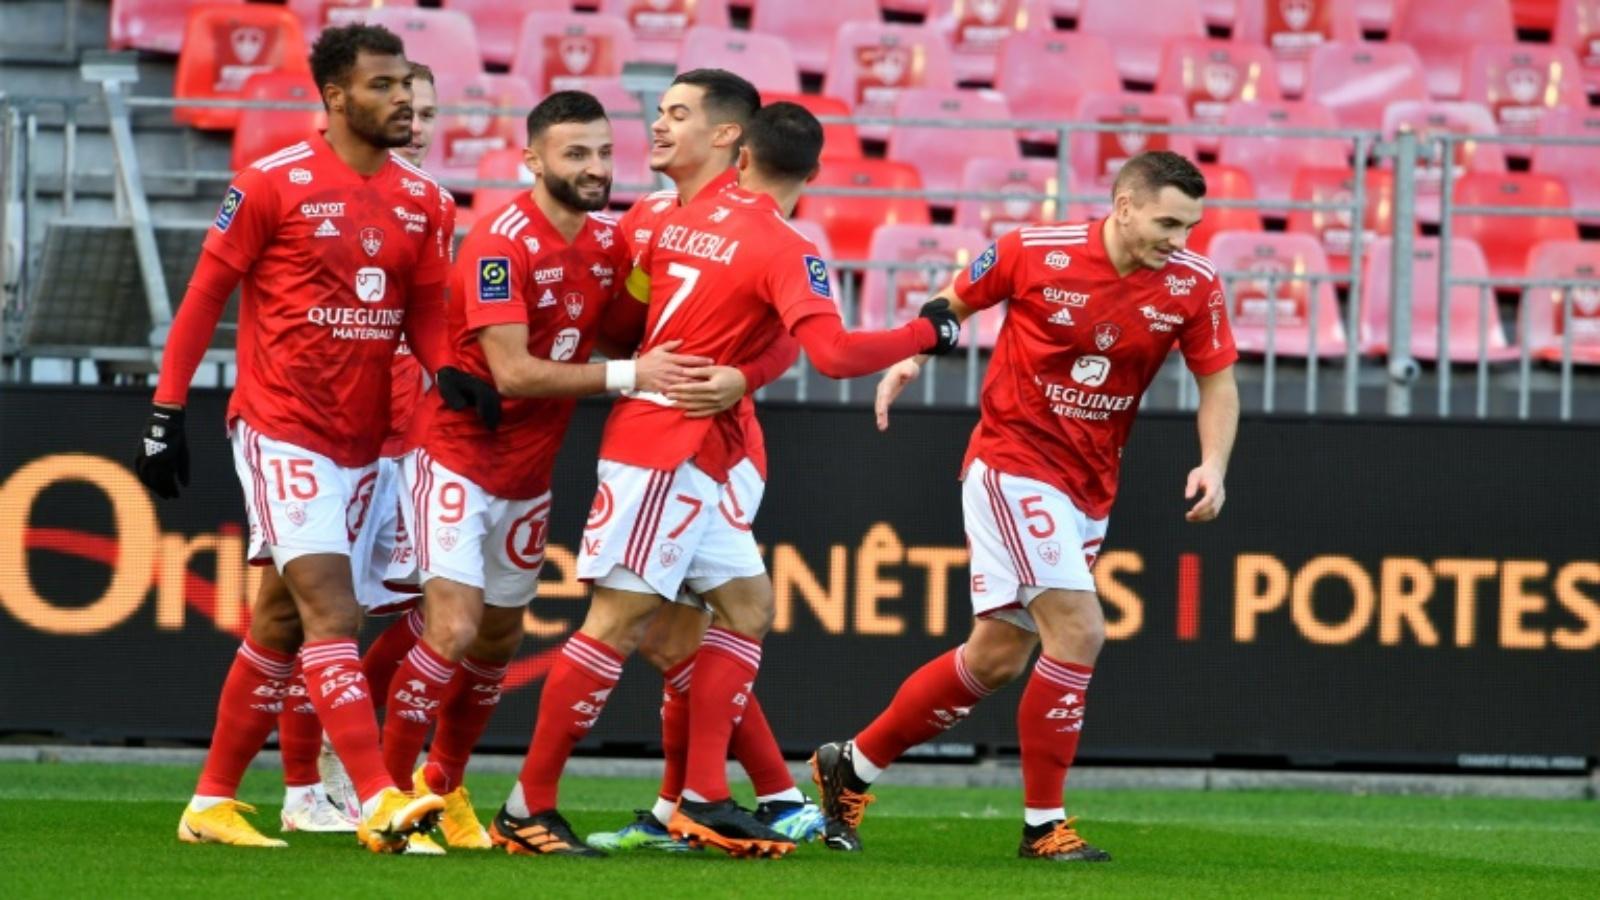 لاعبو رين يحتفل بهزه شباك بريست (2-1) في الدوري الفرنسي في 17 كانون الثاني/يناير 2021.